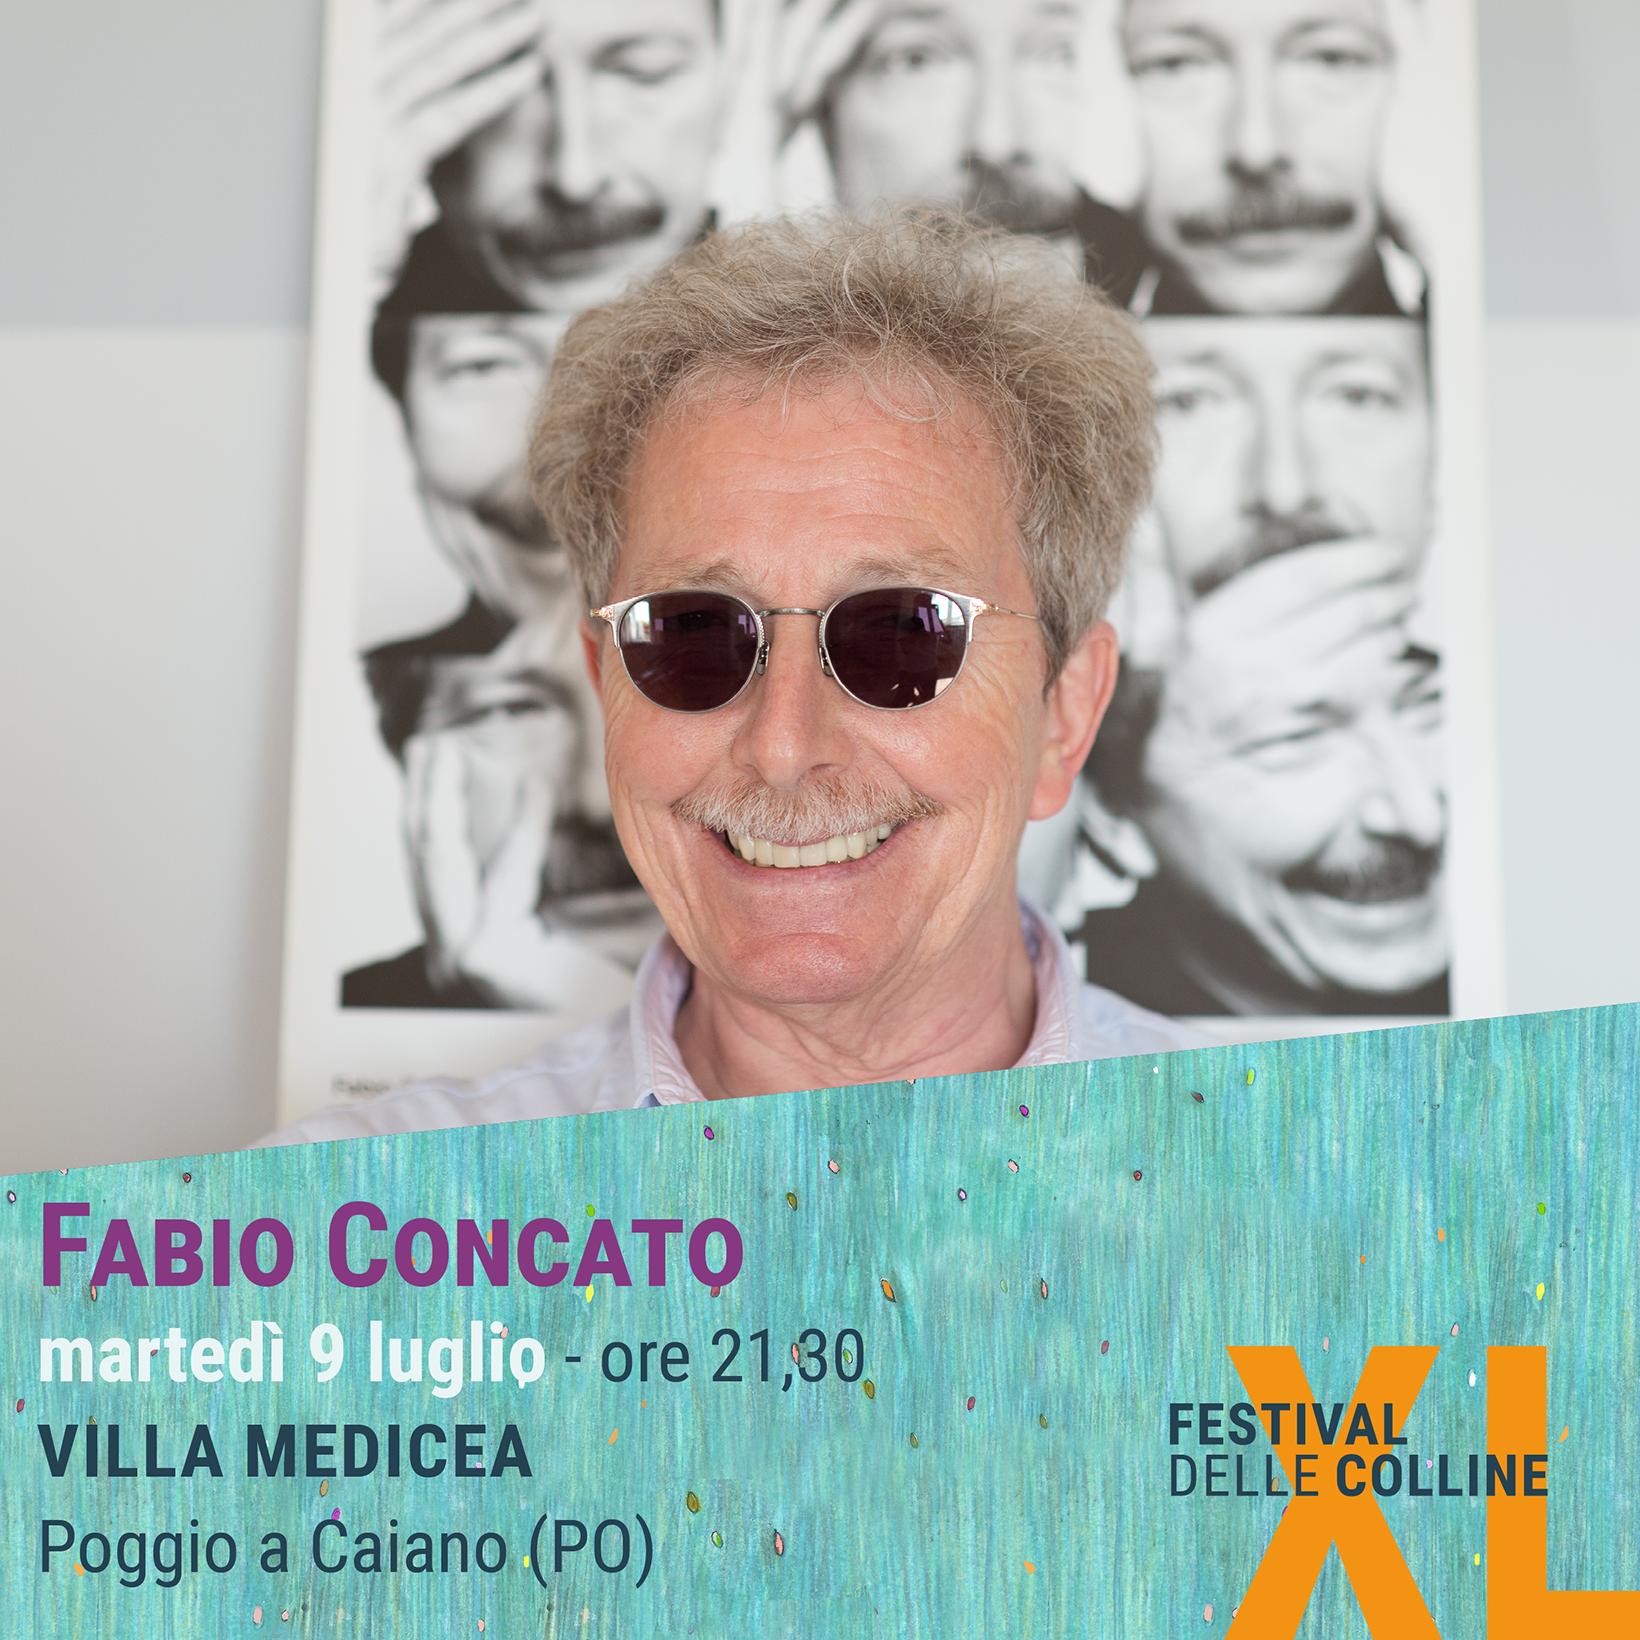 Fabio Concato al Festival delle Colline 2019